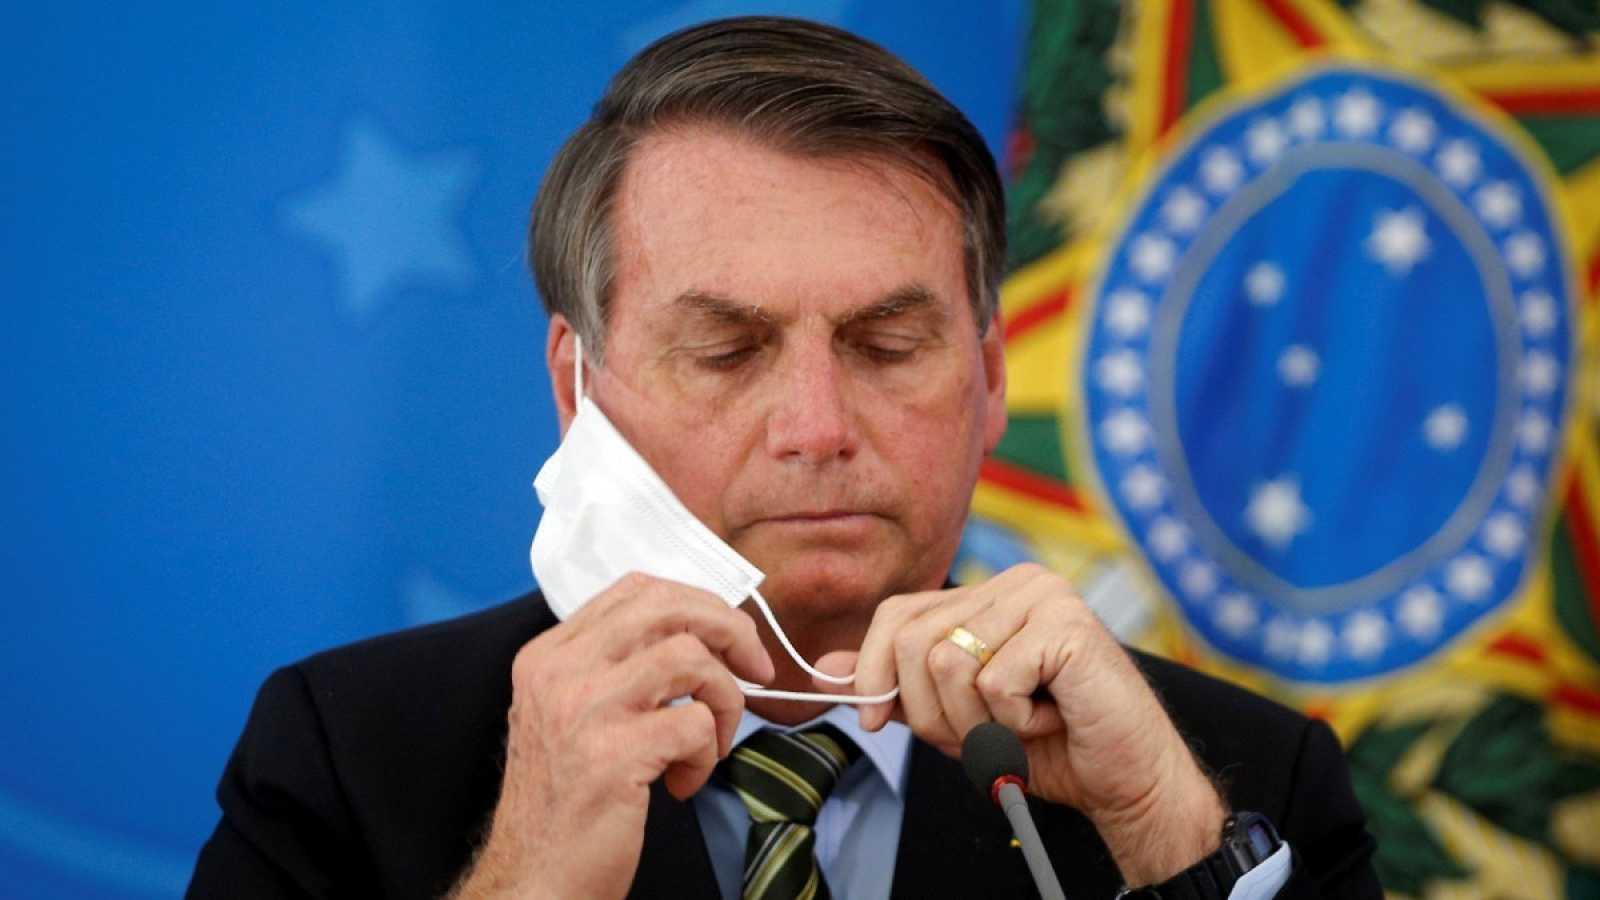 El presidente de Brasil, Jair Bolsonaro, se coloca la mascarilla en una rueda de prensa en una foto de archivo